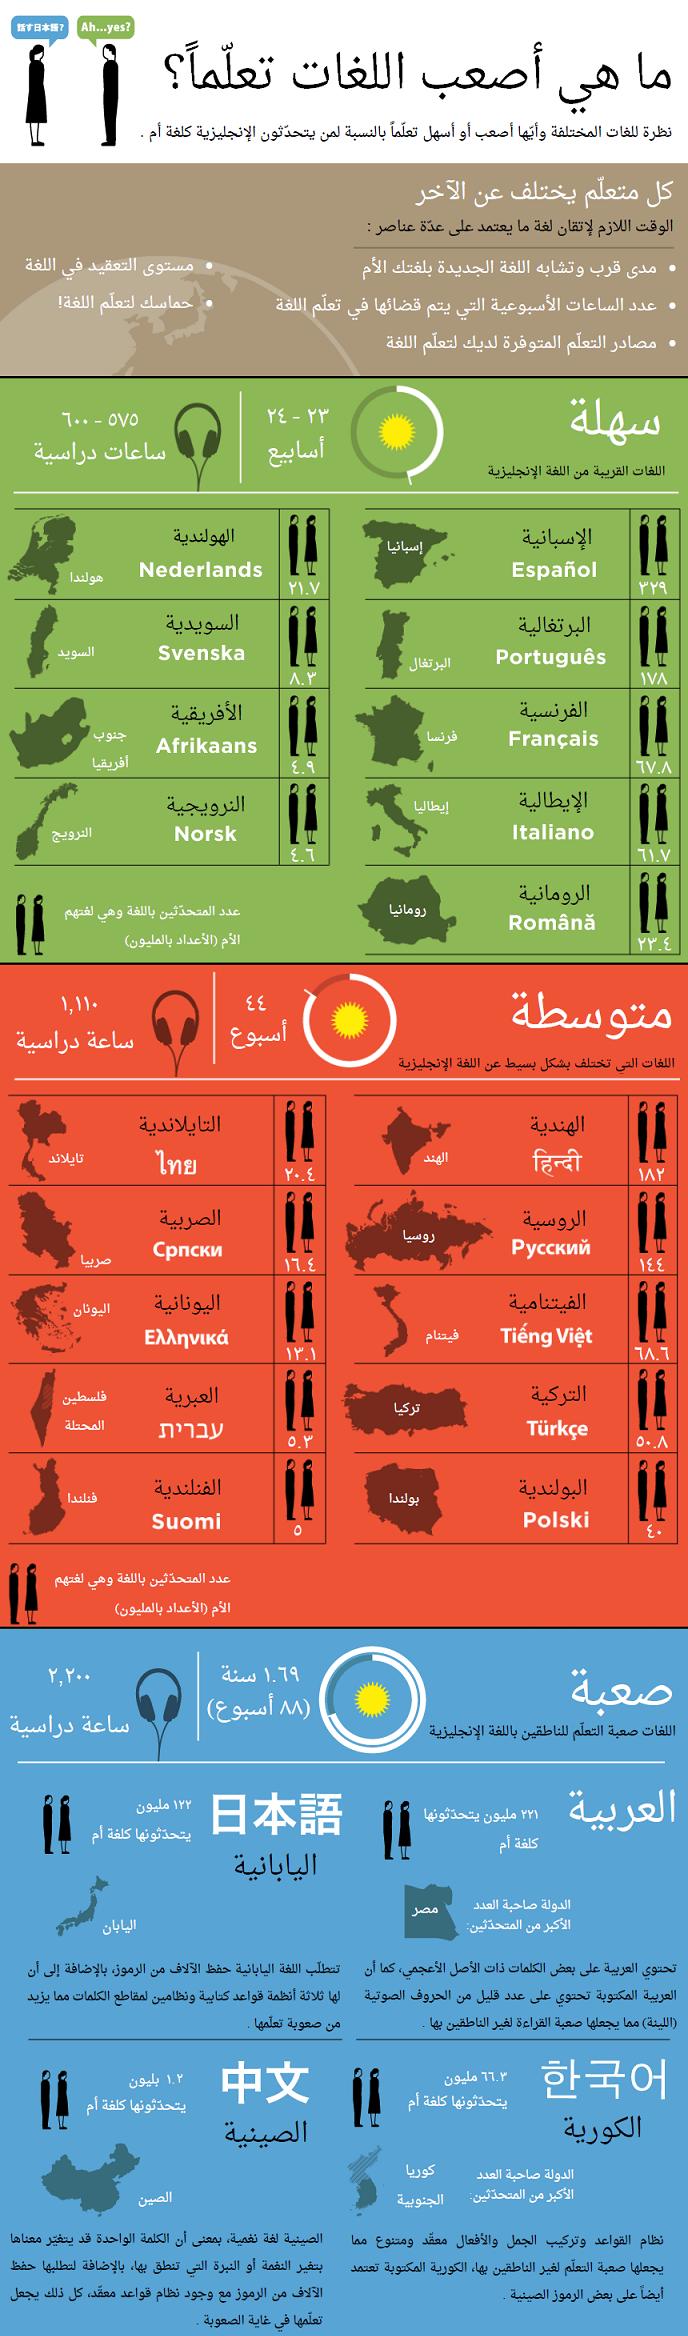 أصعب اللغات تعلما في العالم